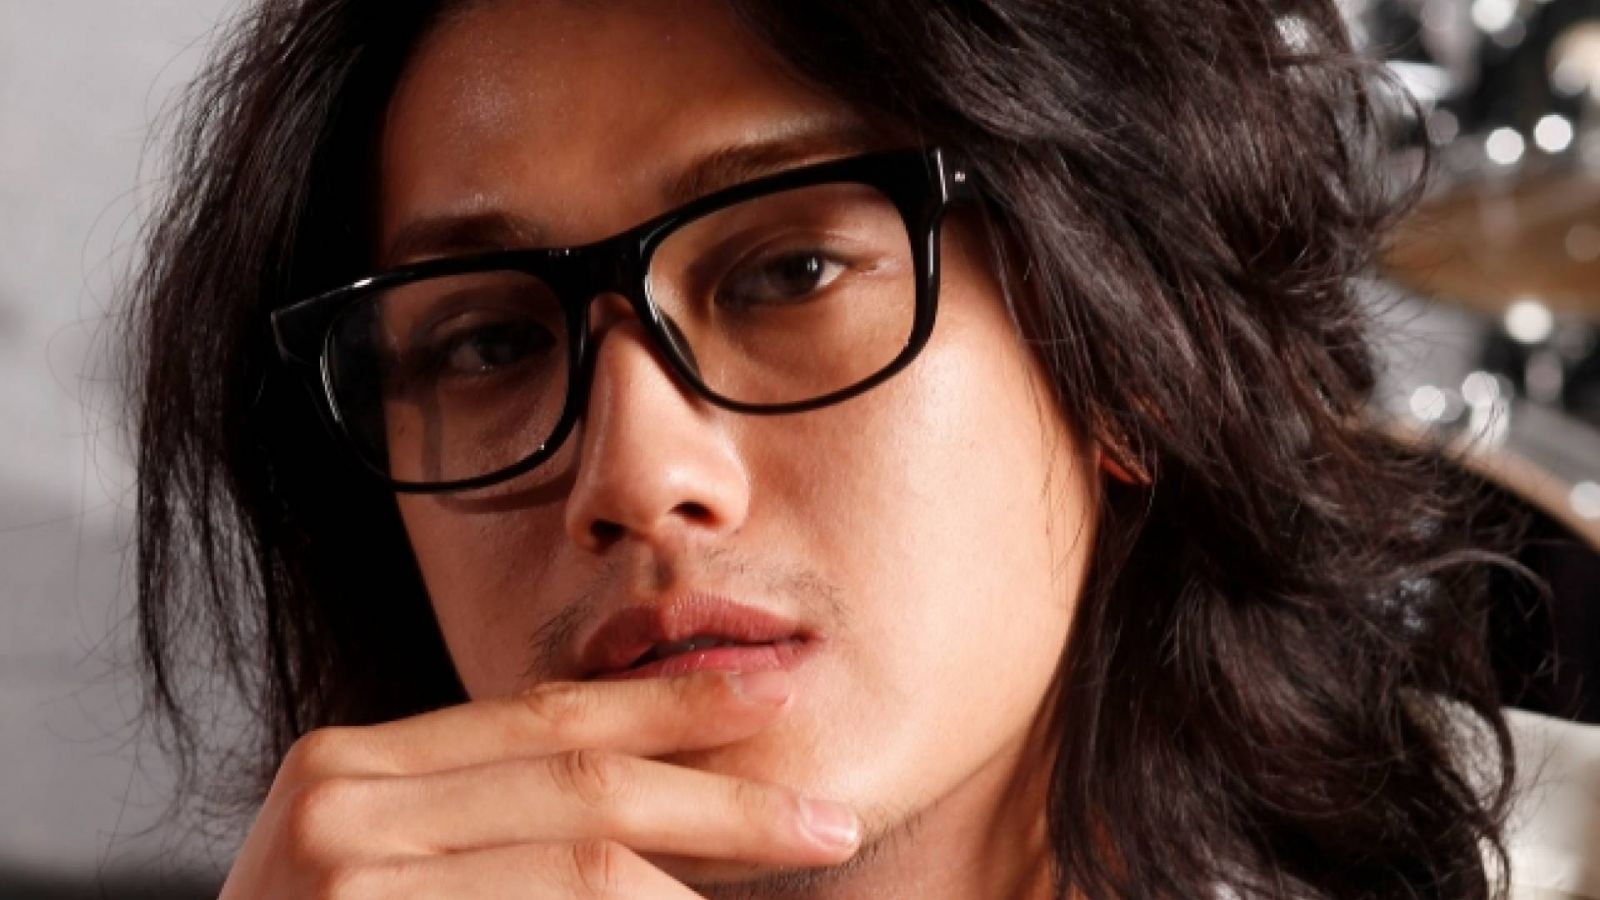 Entrevista con Jin Akanishi en Los Ángeles © Johnny & Associates